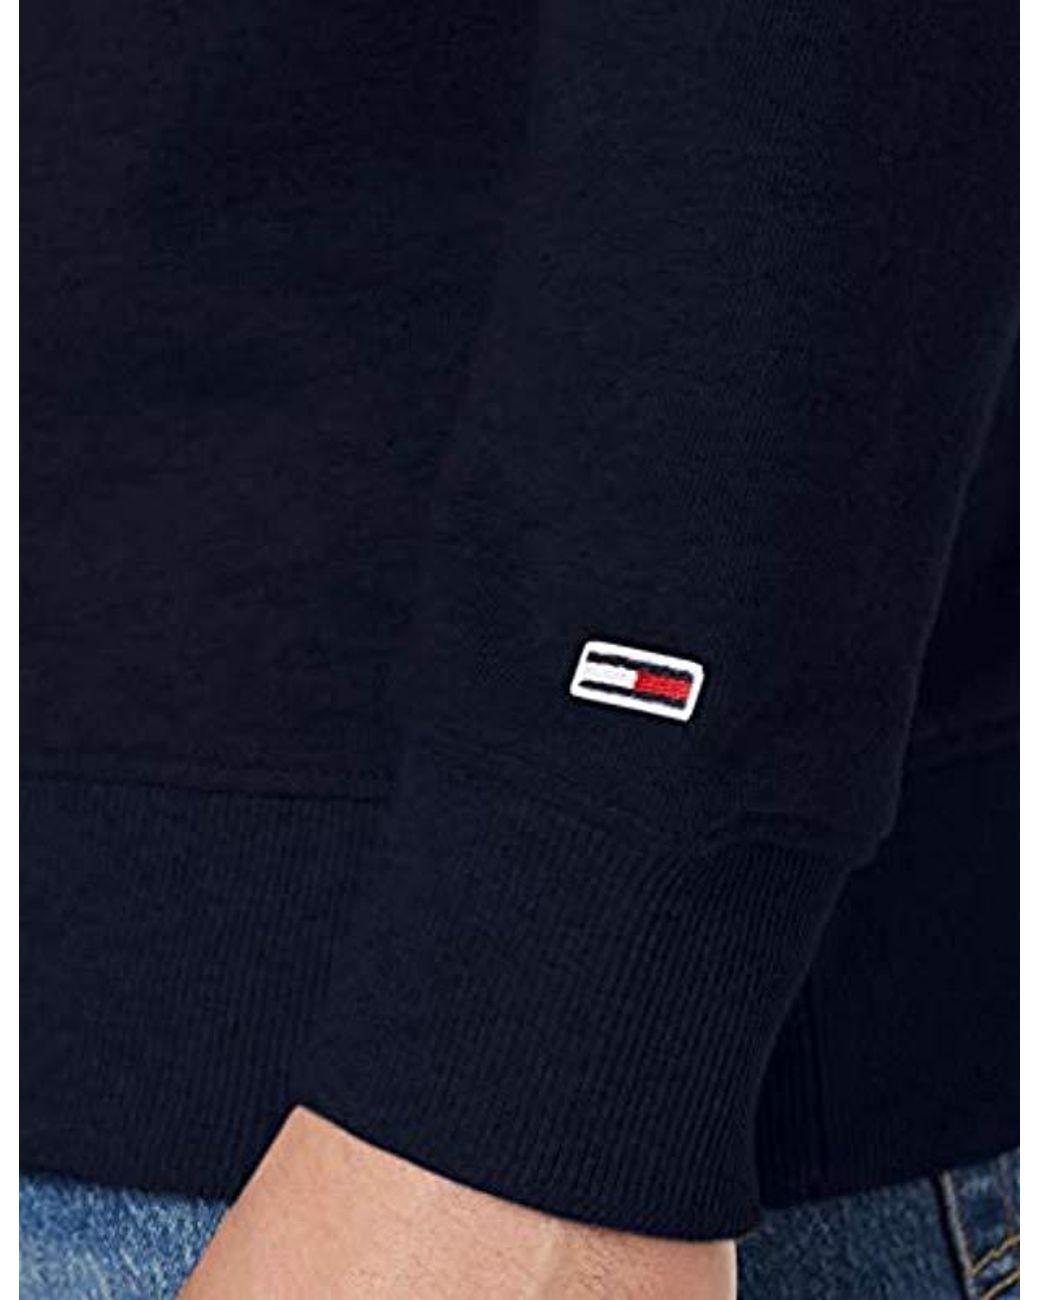 67874f1b Tommy Hilfiger Tjm Essential Logo Crew Long Sleeve Sweatshirt in Blue for  Men - Lyst